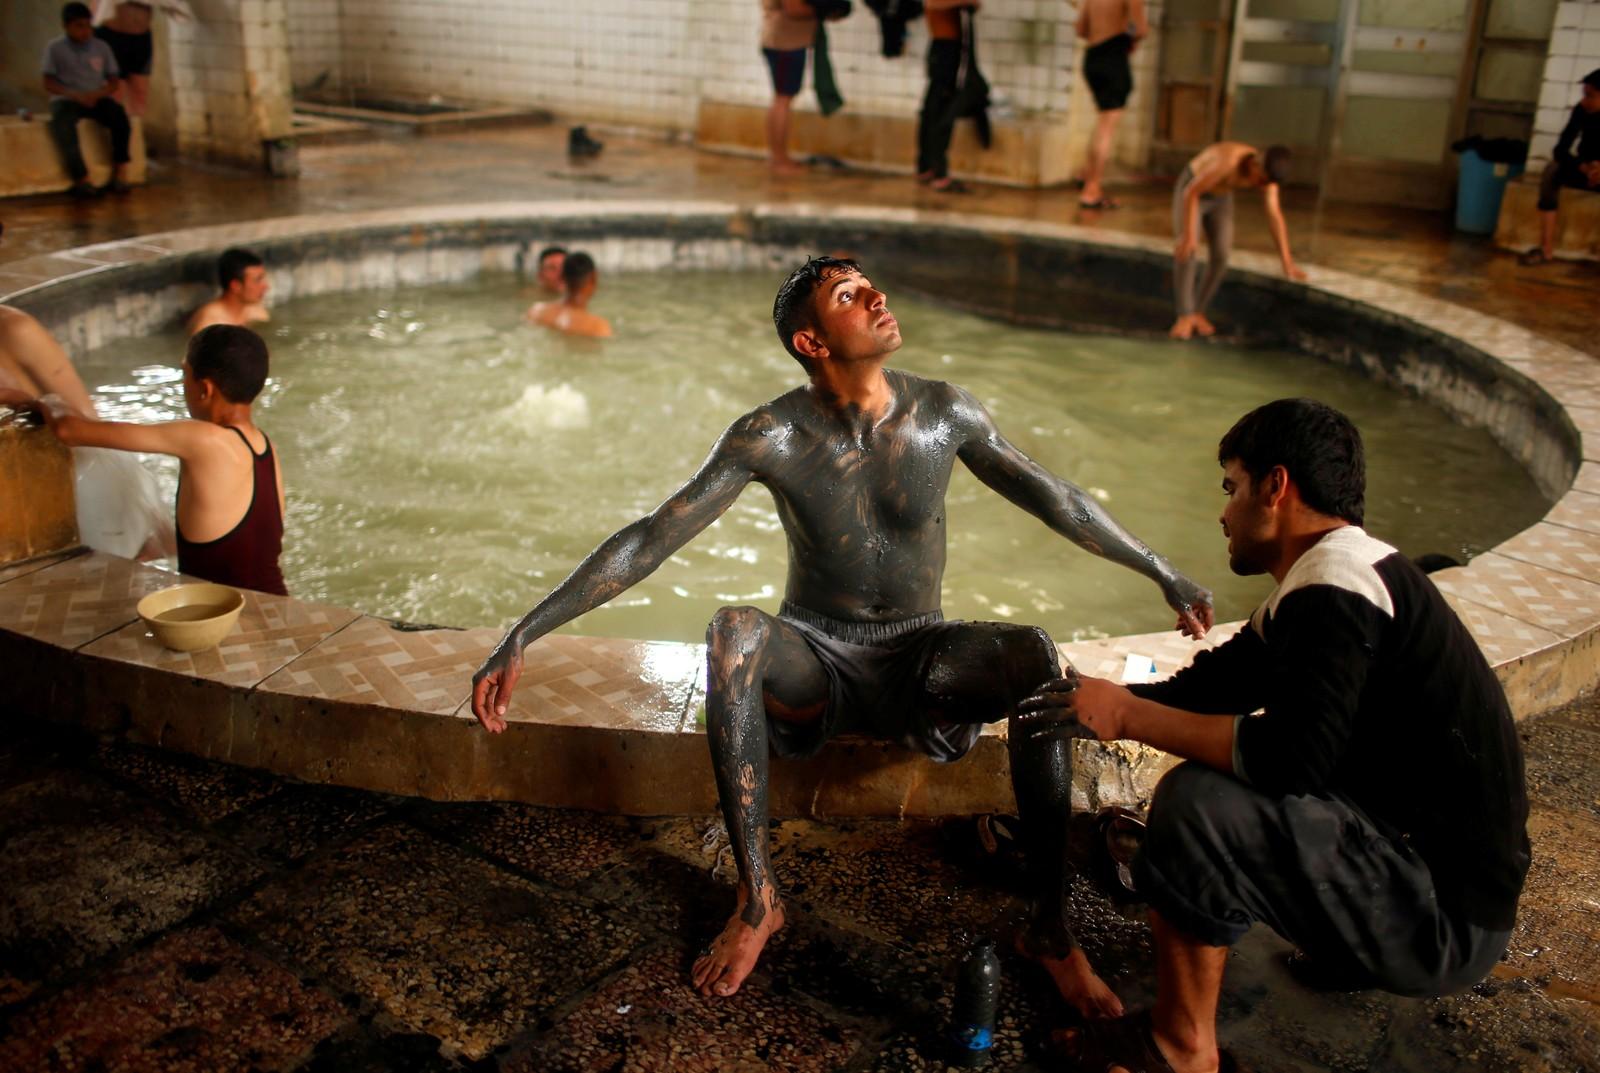 En irakisk ung mann får kroppen sin dekket med sand ved et svovelbad i Mosul i Irak.